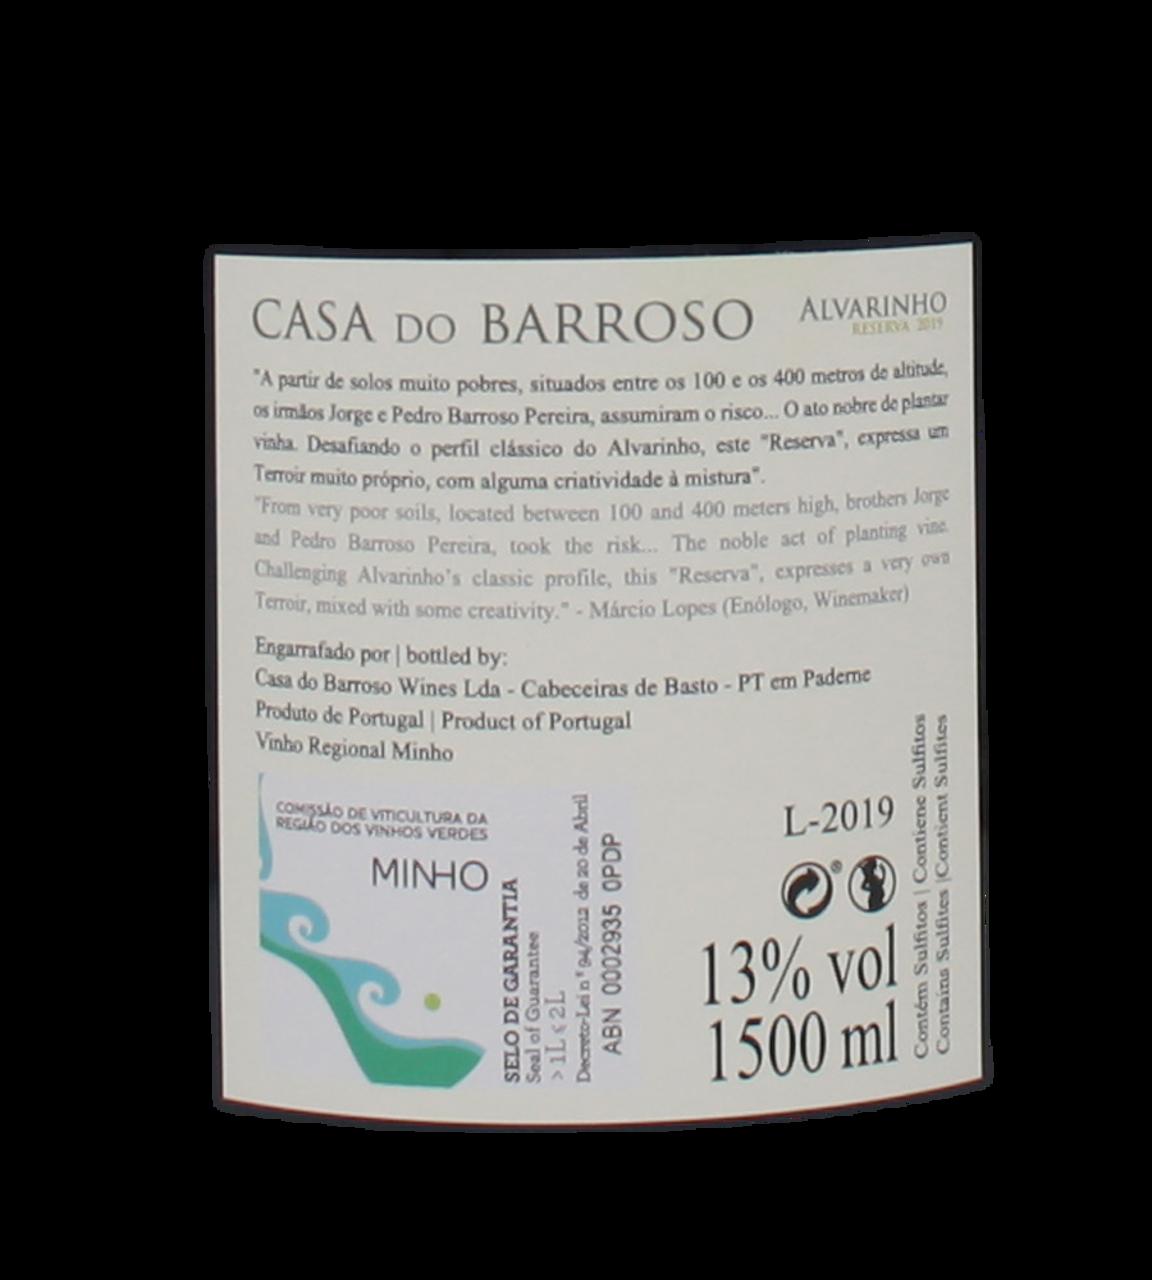 Imagem de Casa do Barroso Alvarinho Branco 2019 MAGNUM